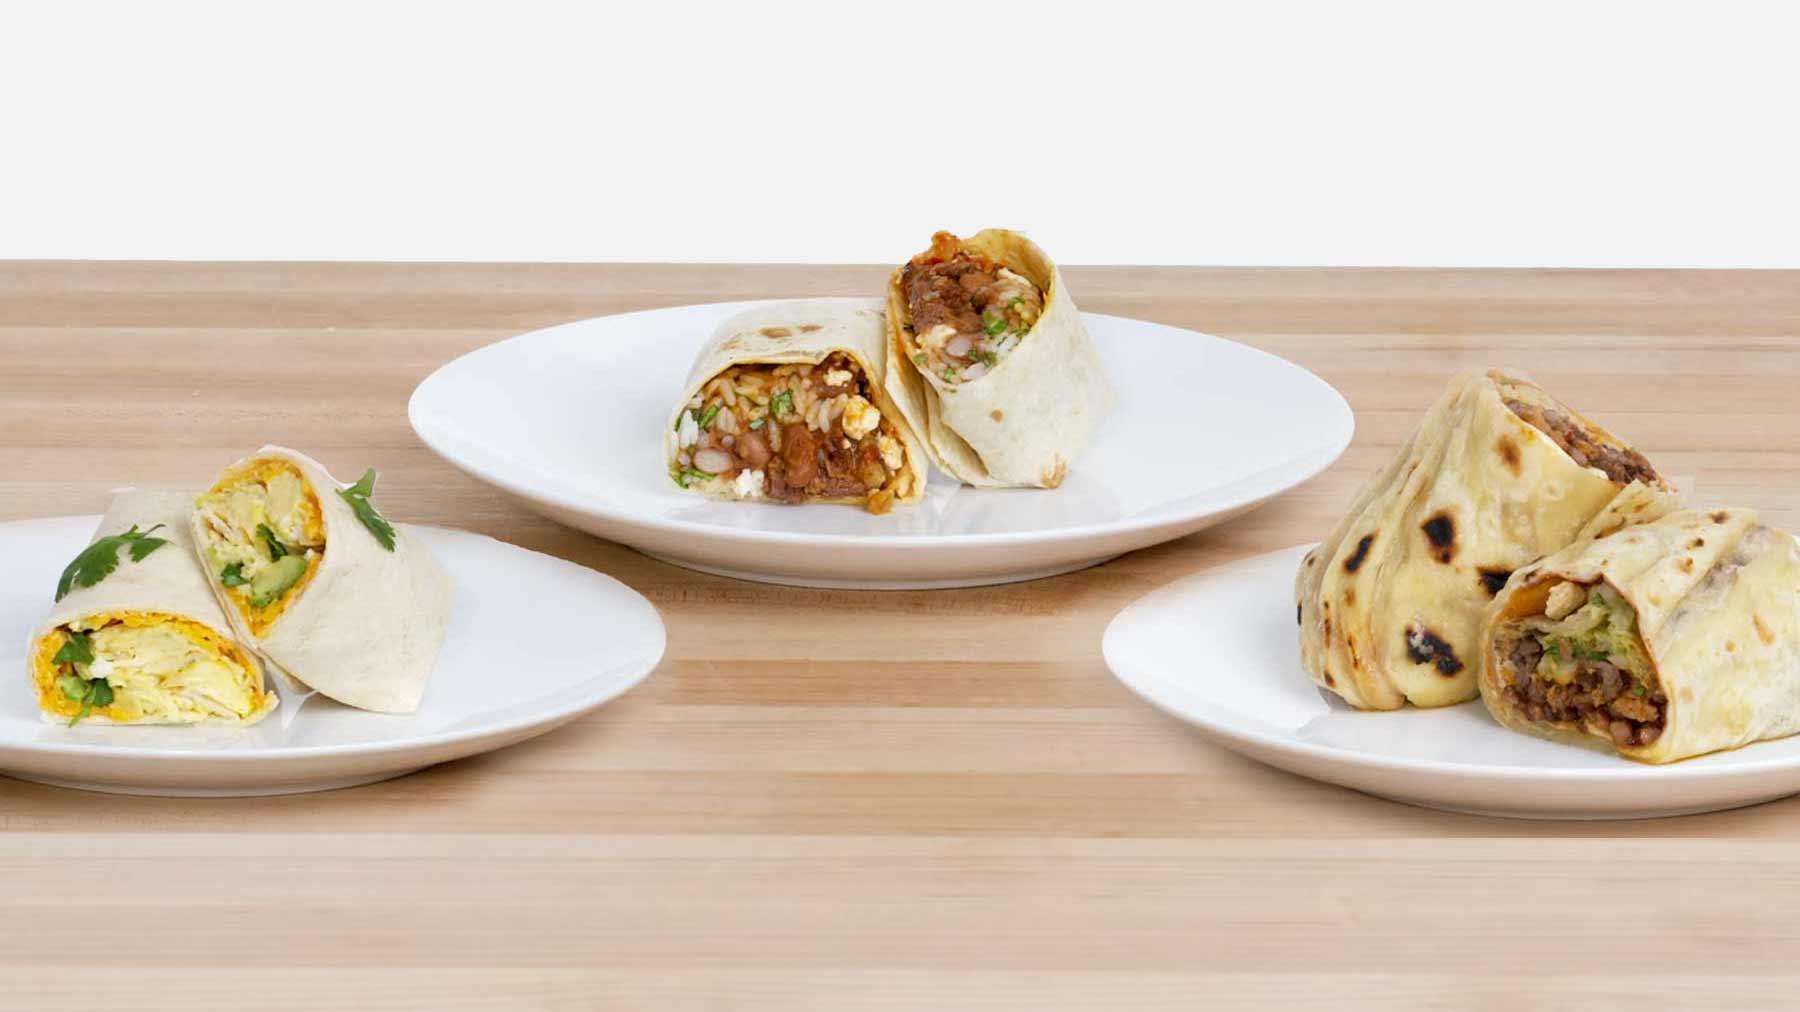 Köche unterschiedlicher Fähigkeitsstufen machen Burritos